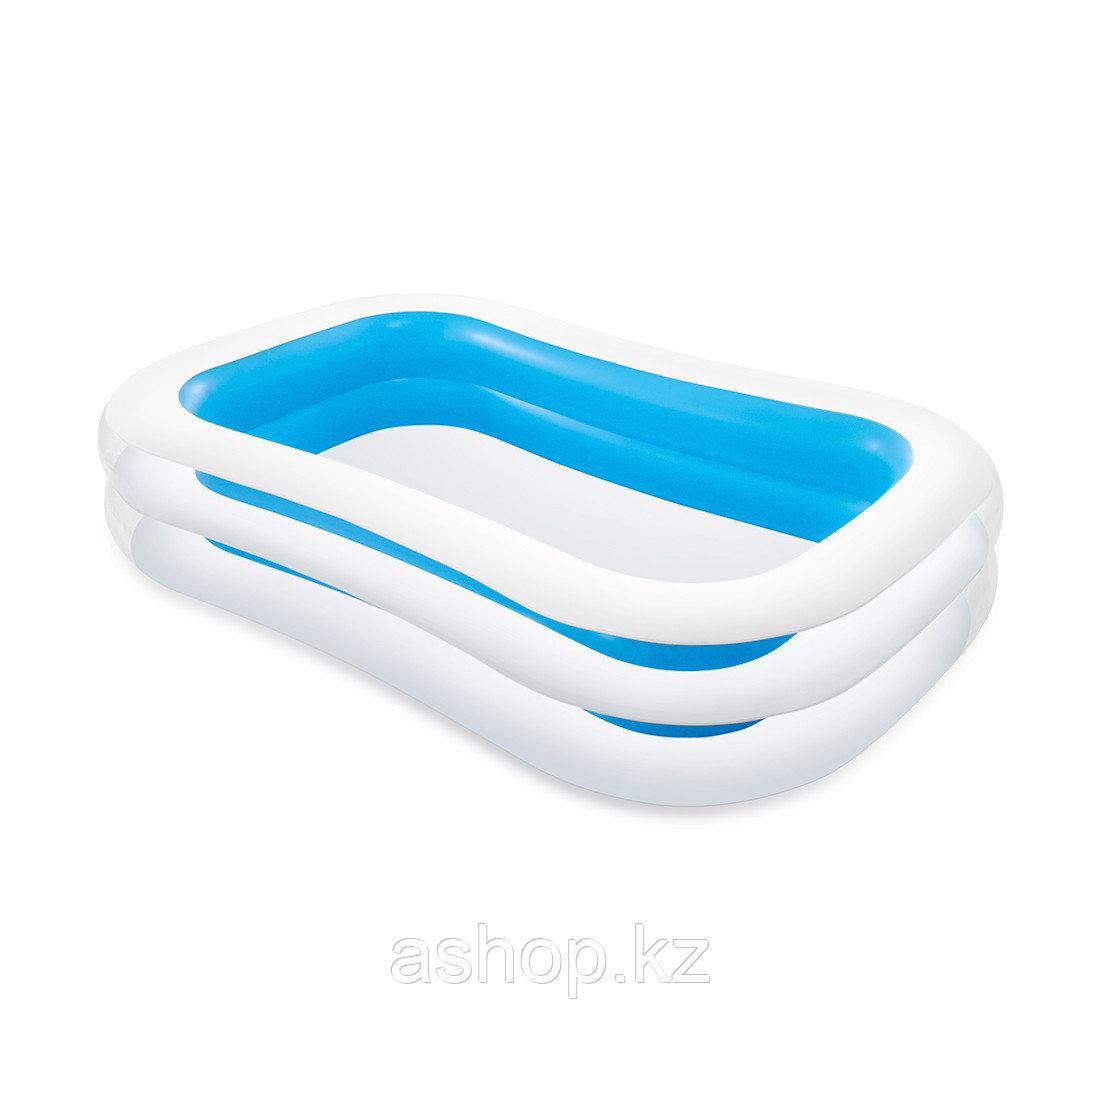 Бассейн надувной Intex Ванна, 770 л, Возрост: От 6 лет, Насос: Нет, Лестница: Нет, Поливинилхлорид, Цвет: Голу